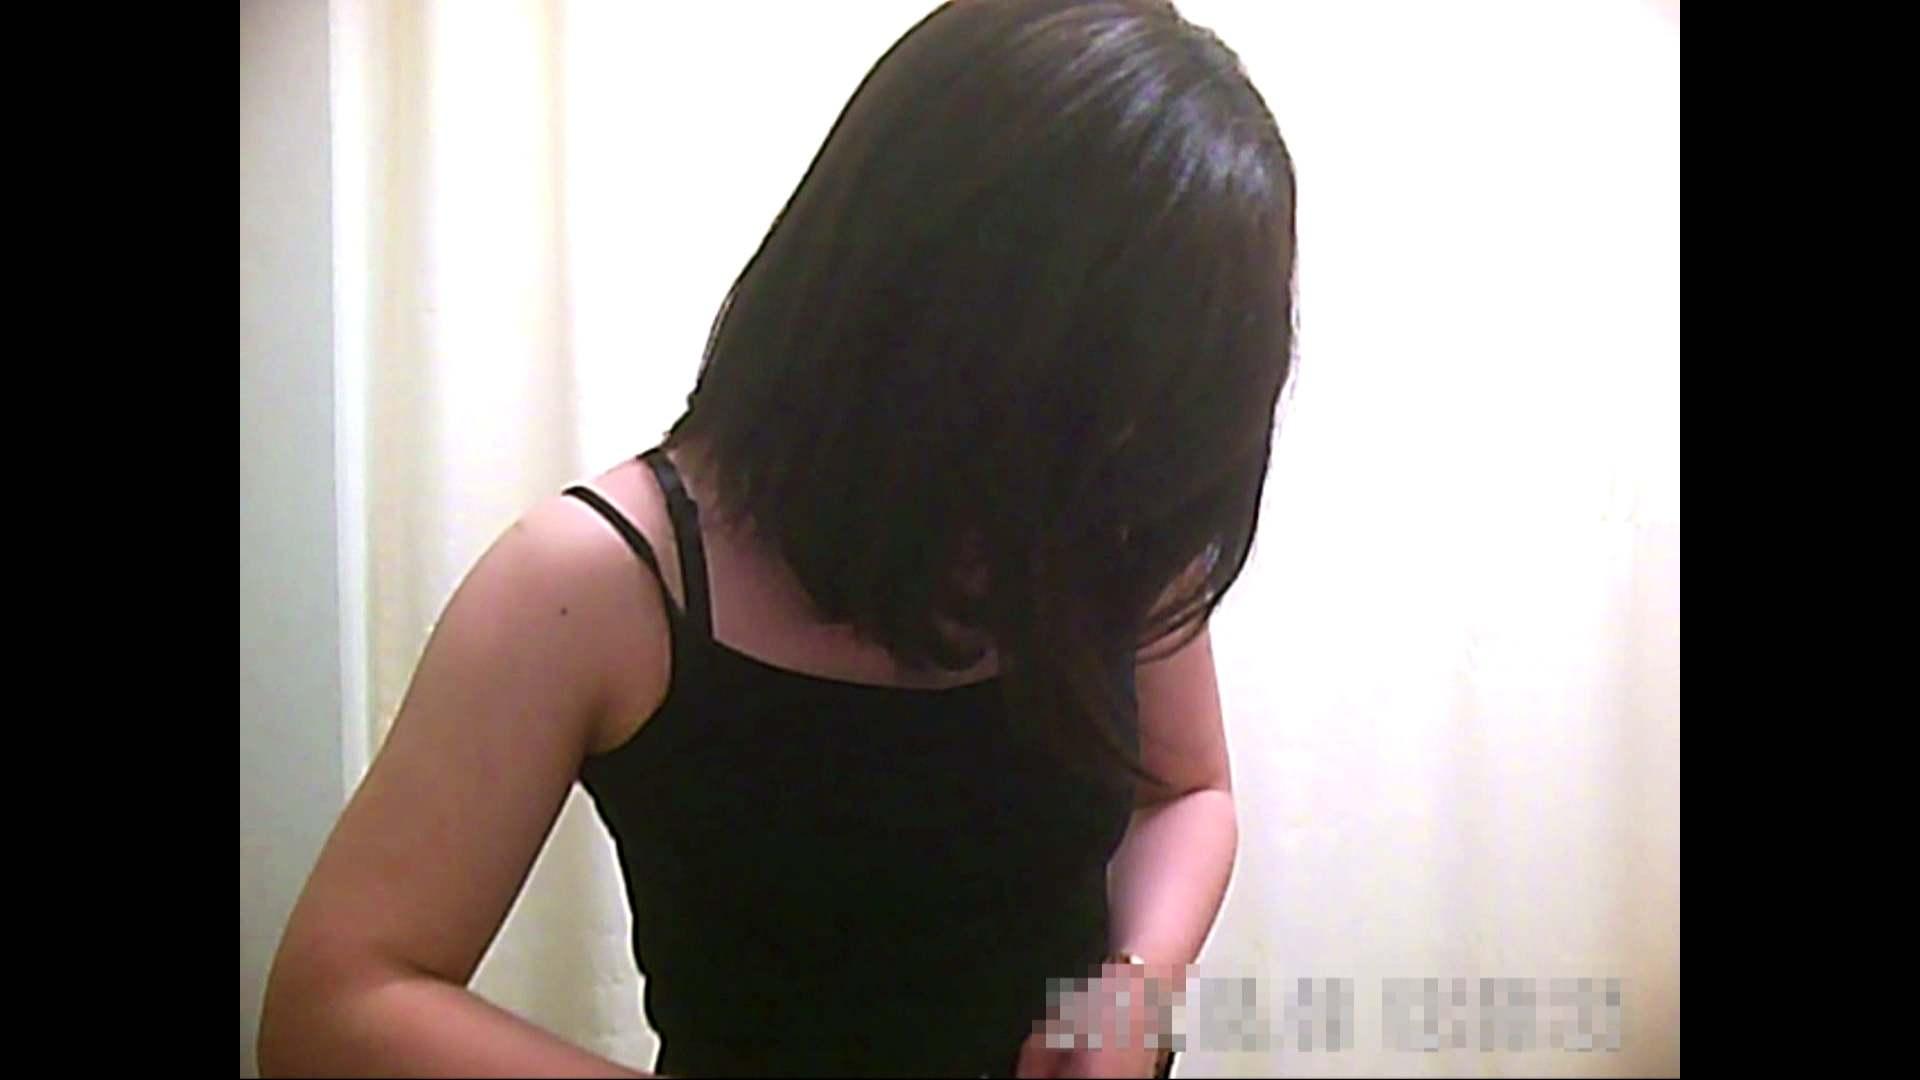 元医者による反抗 更衣室地獄絵巻 vol.086 盛合せ  71PIX 27